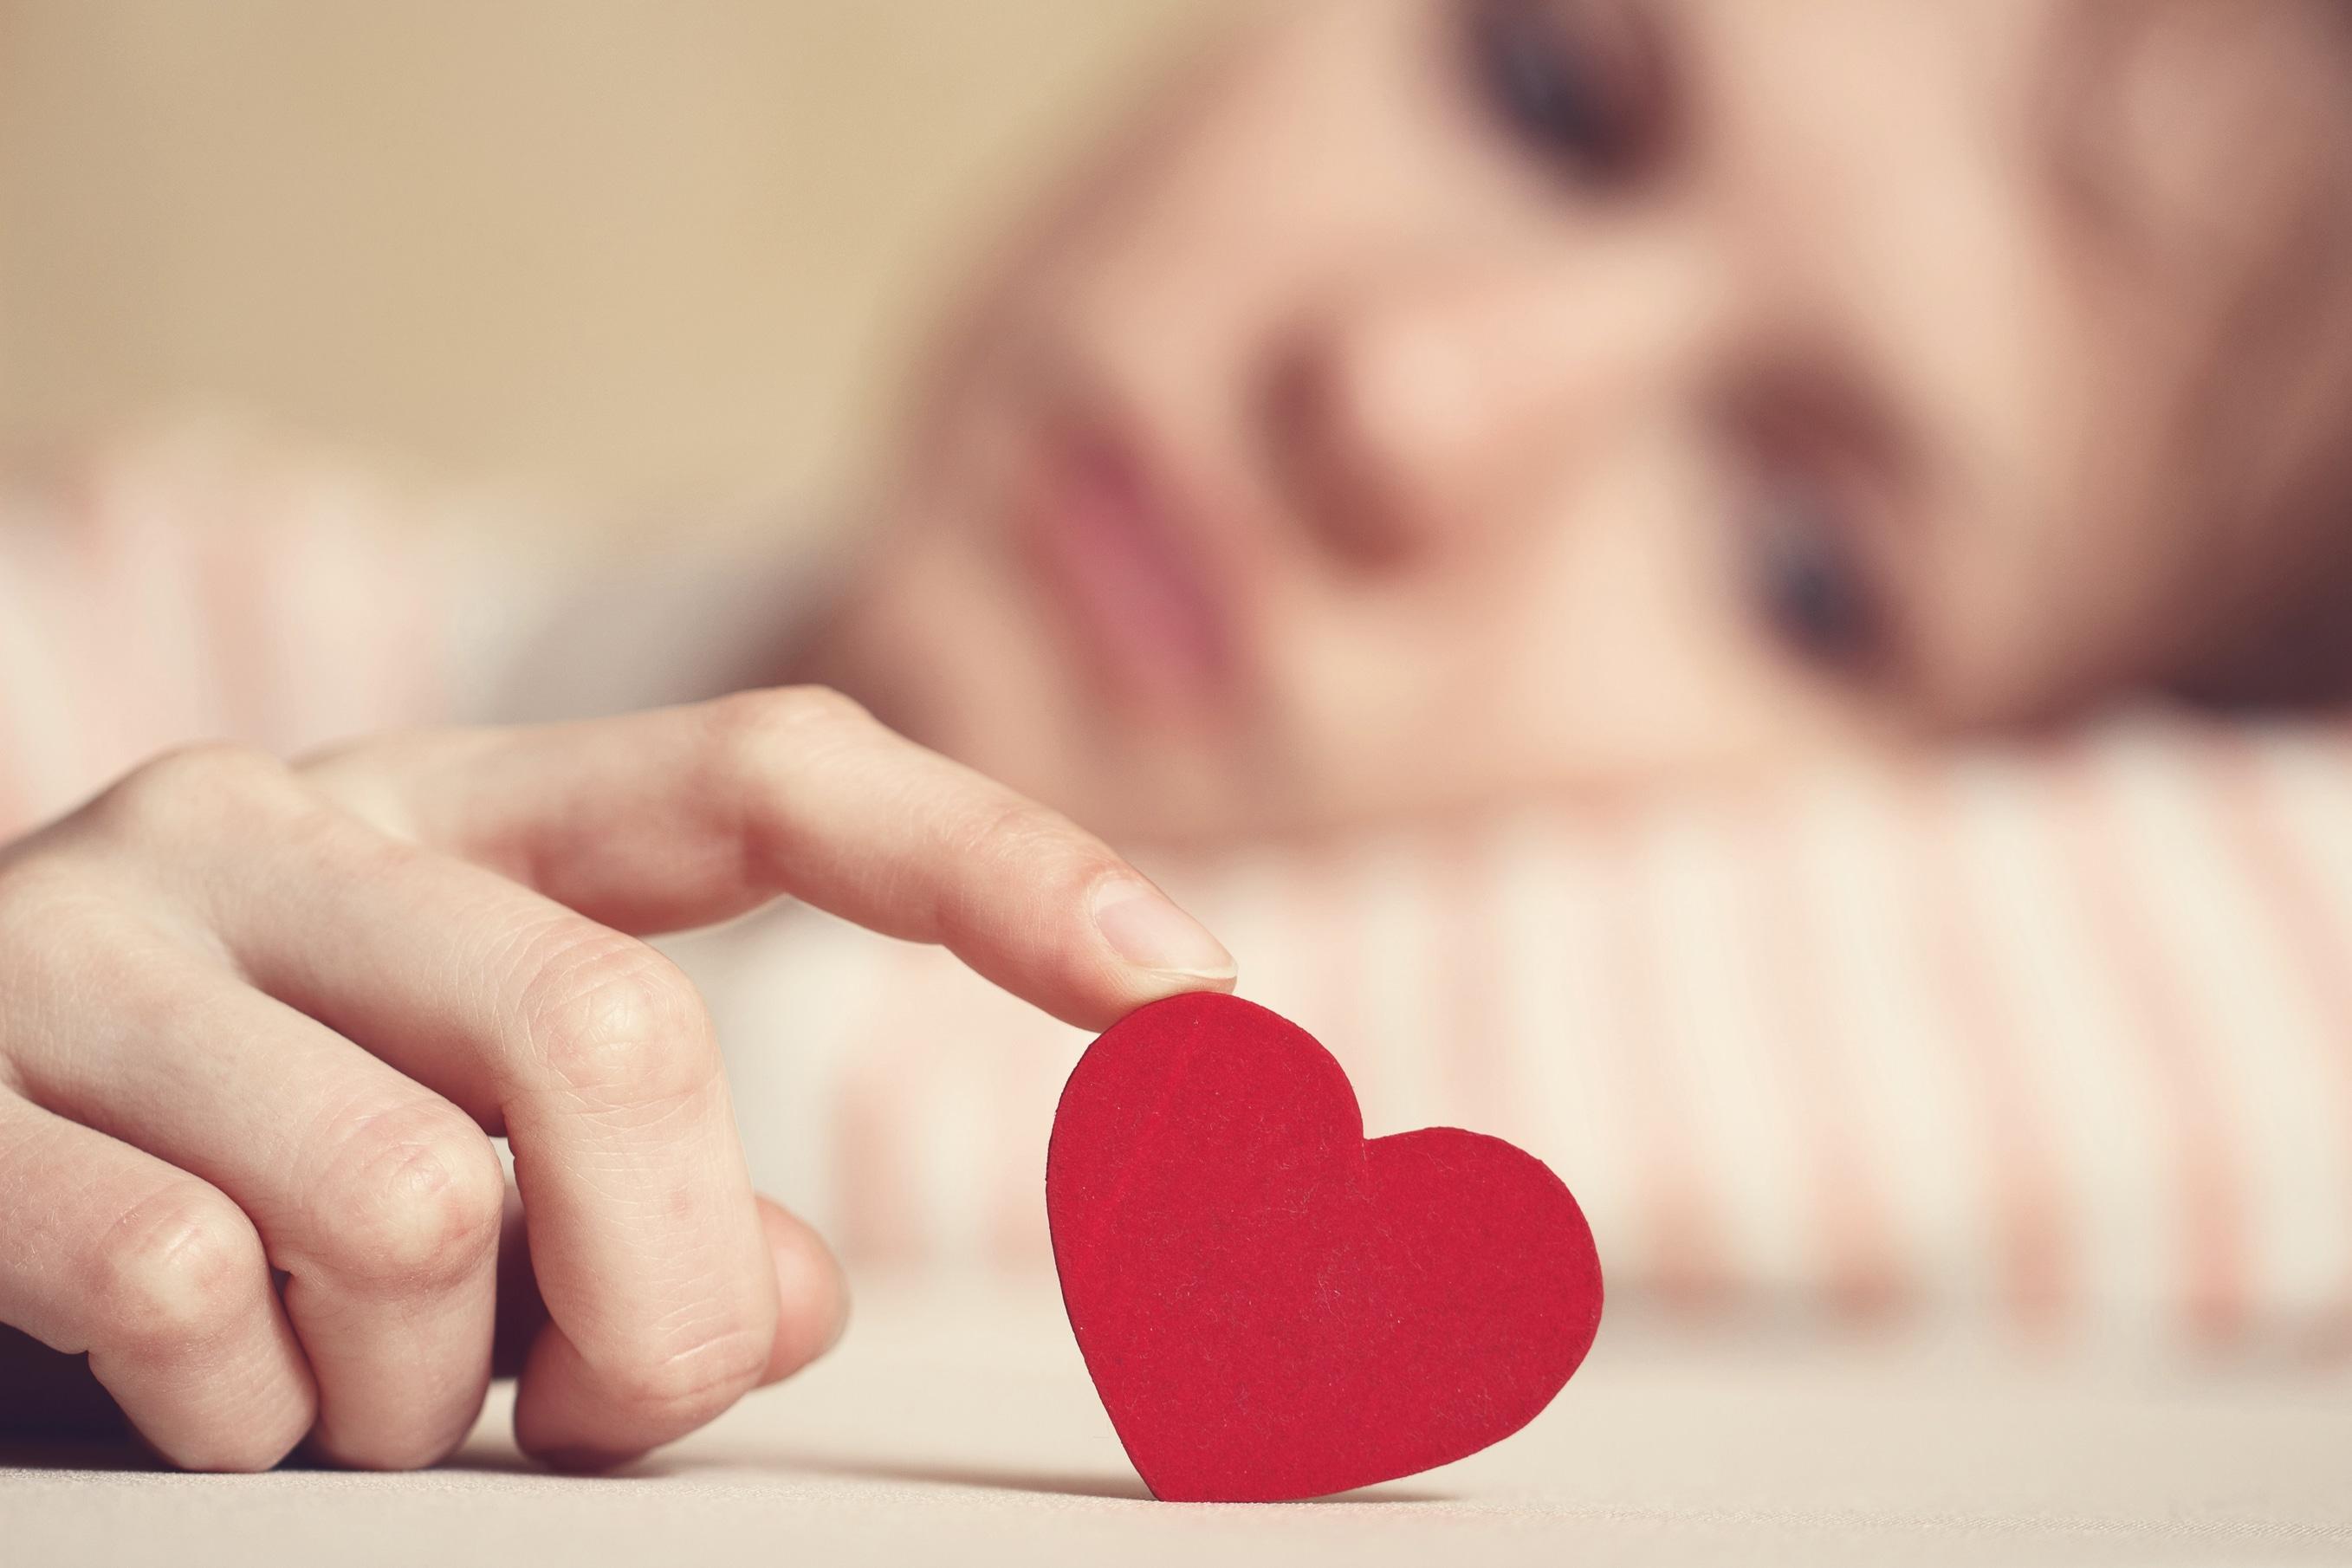 Comment peut-on savoir si l'on est amoureuse ou pas